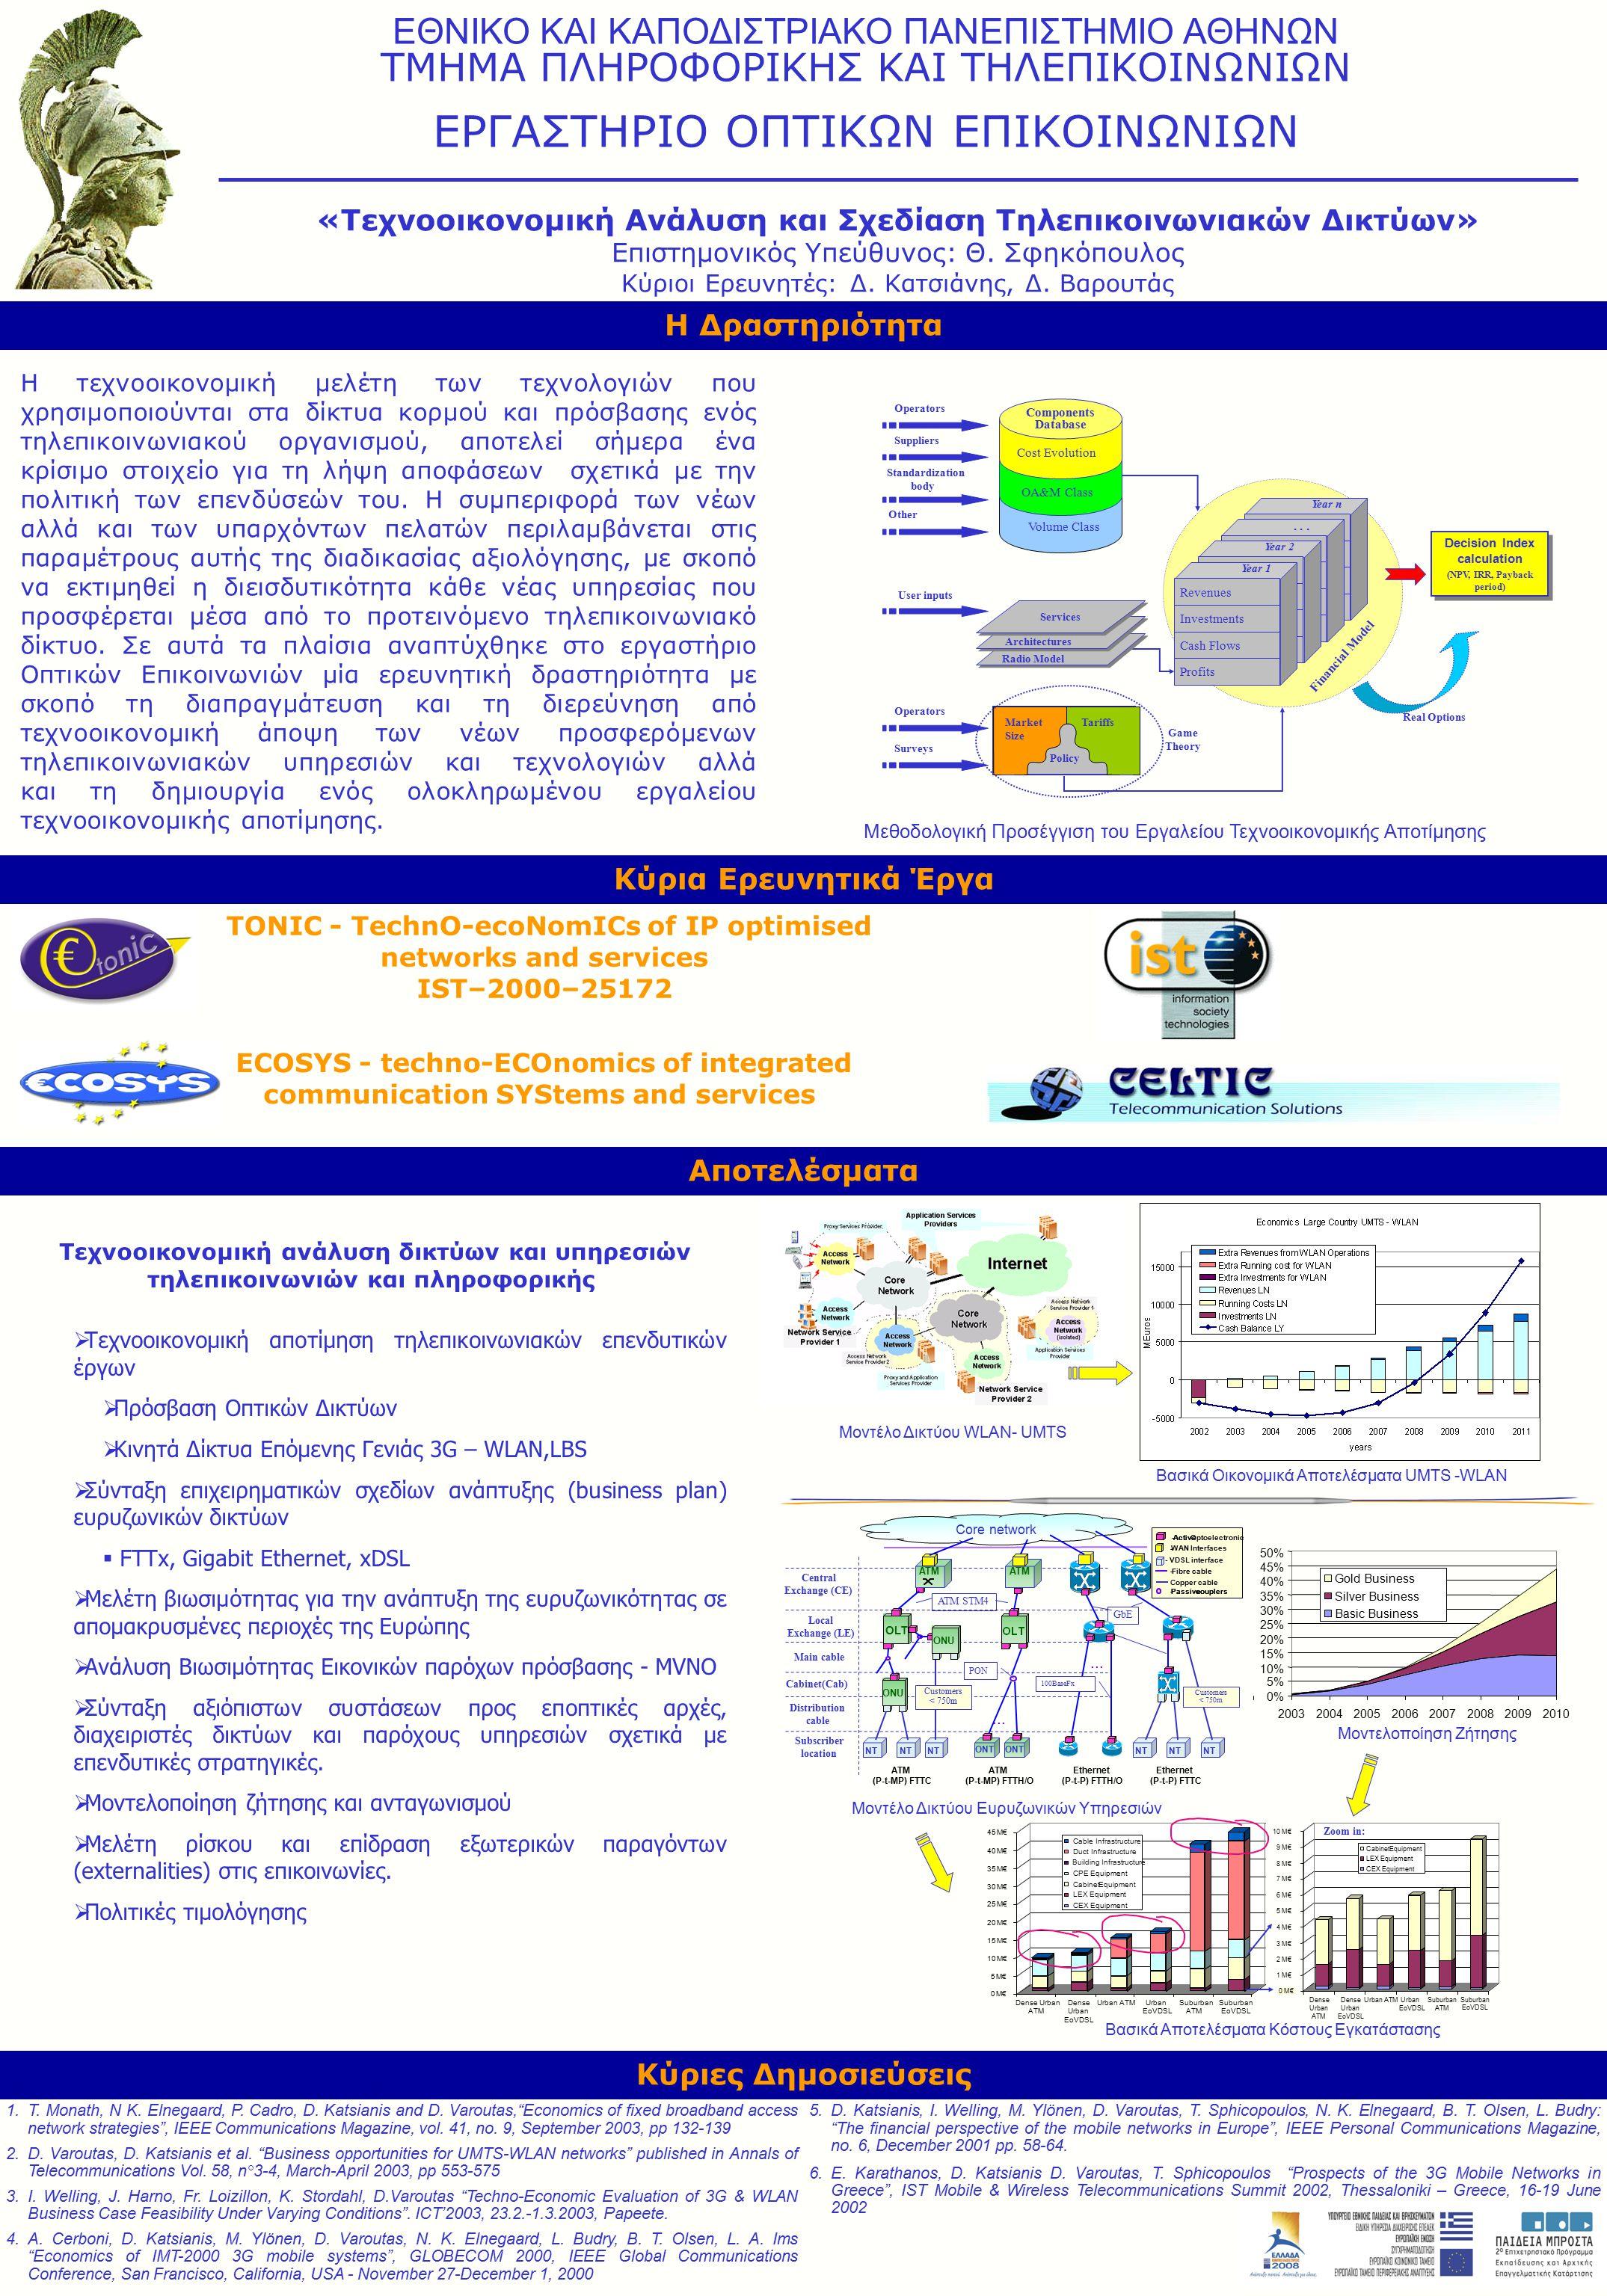 «Τεχνοοικονομική Ανάλυση και Σχεδίαση Τηλεπικοινωνιακών Δικτύων» Επιστημονικός Υπεύθυνος: Θ. Σφηκόπουλος Κύριοι Ερευνητές: Δ. Κατσιάνης, Δ. Βαρουτάς 1